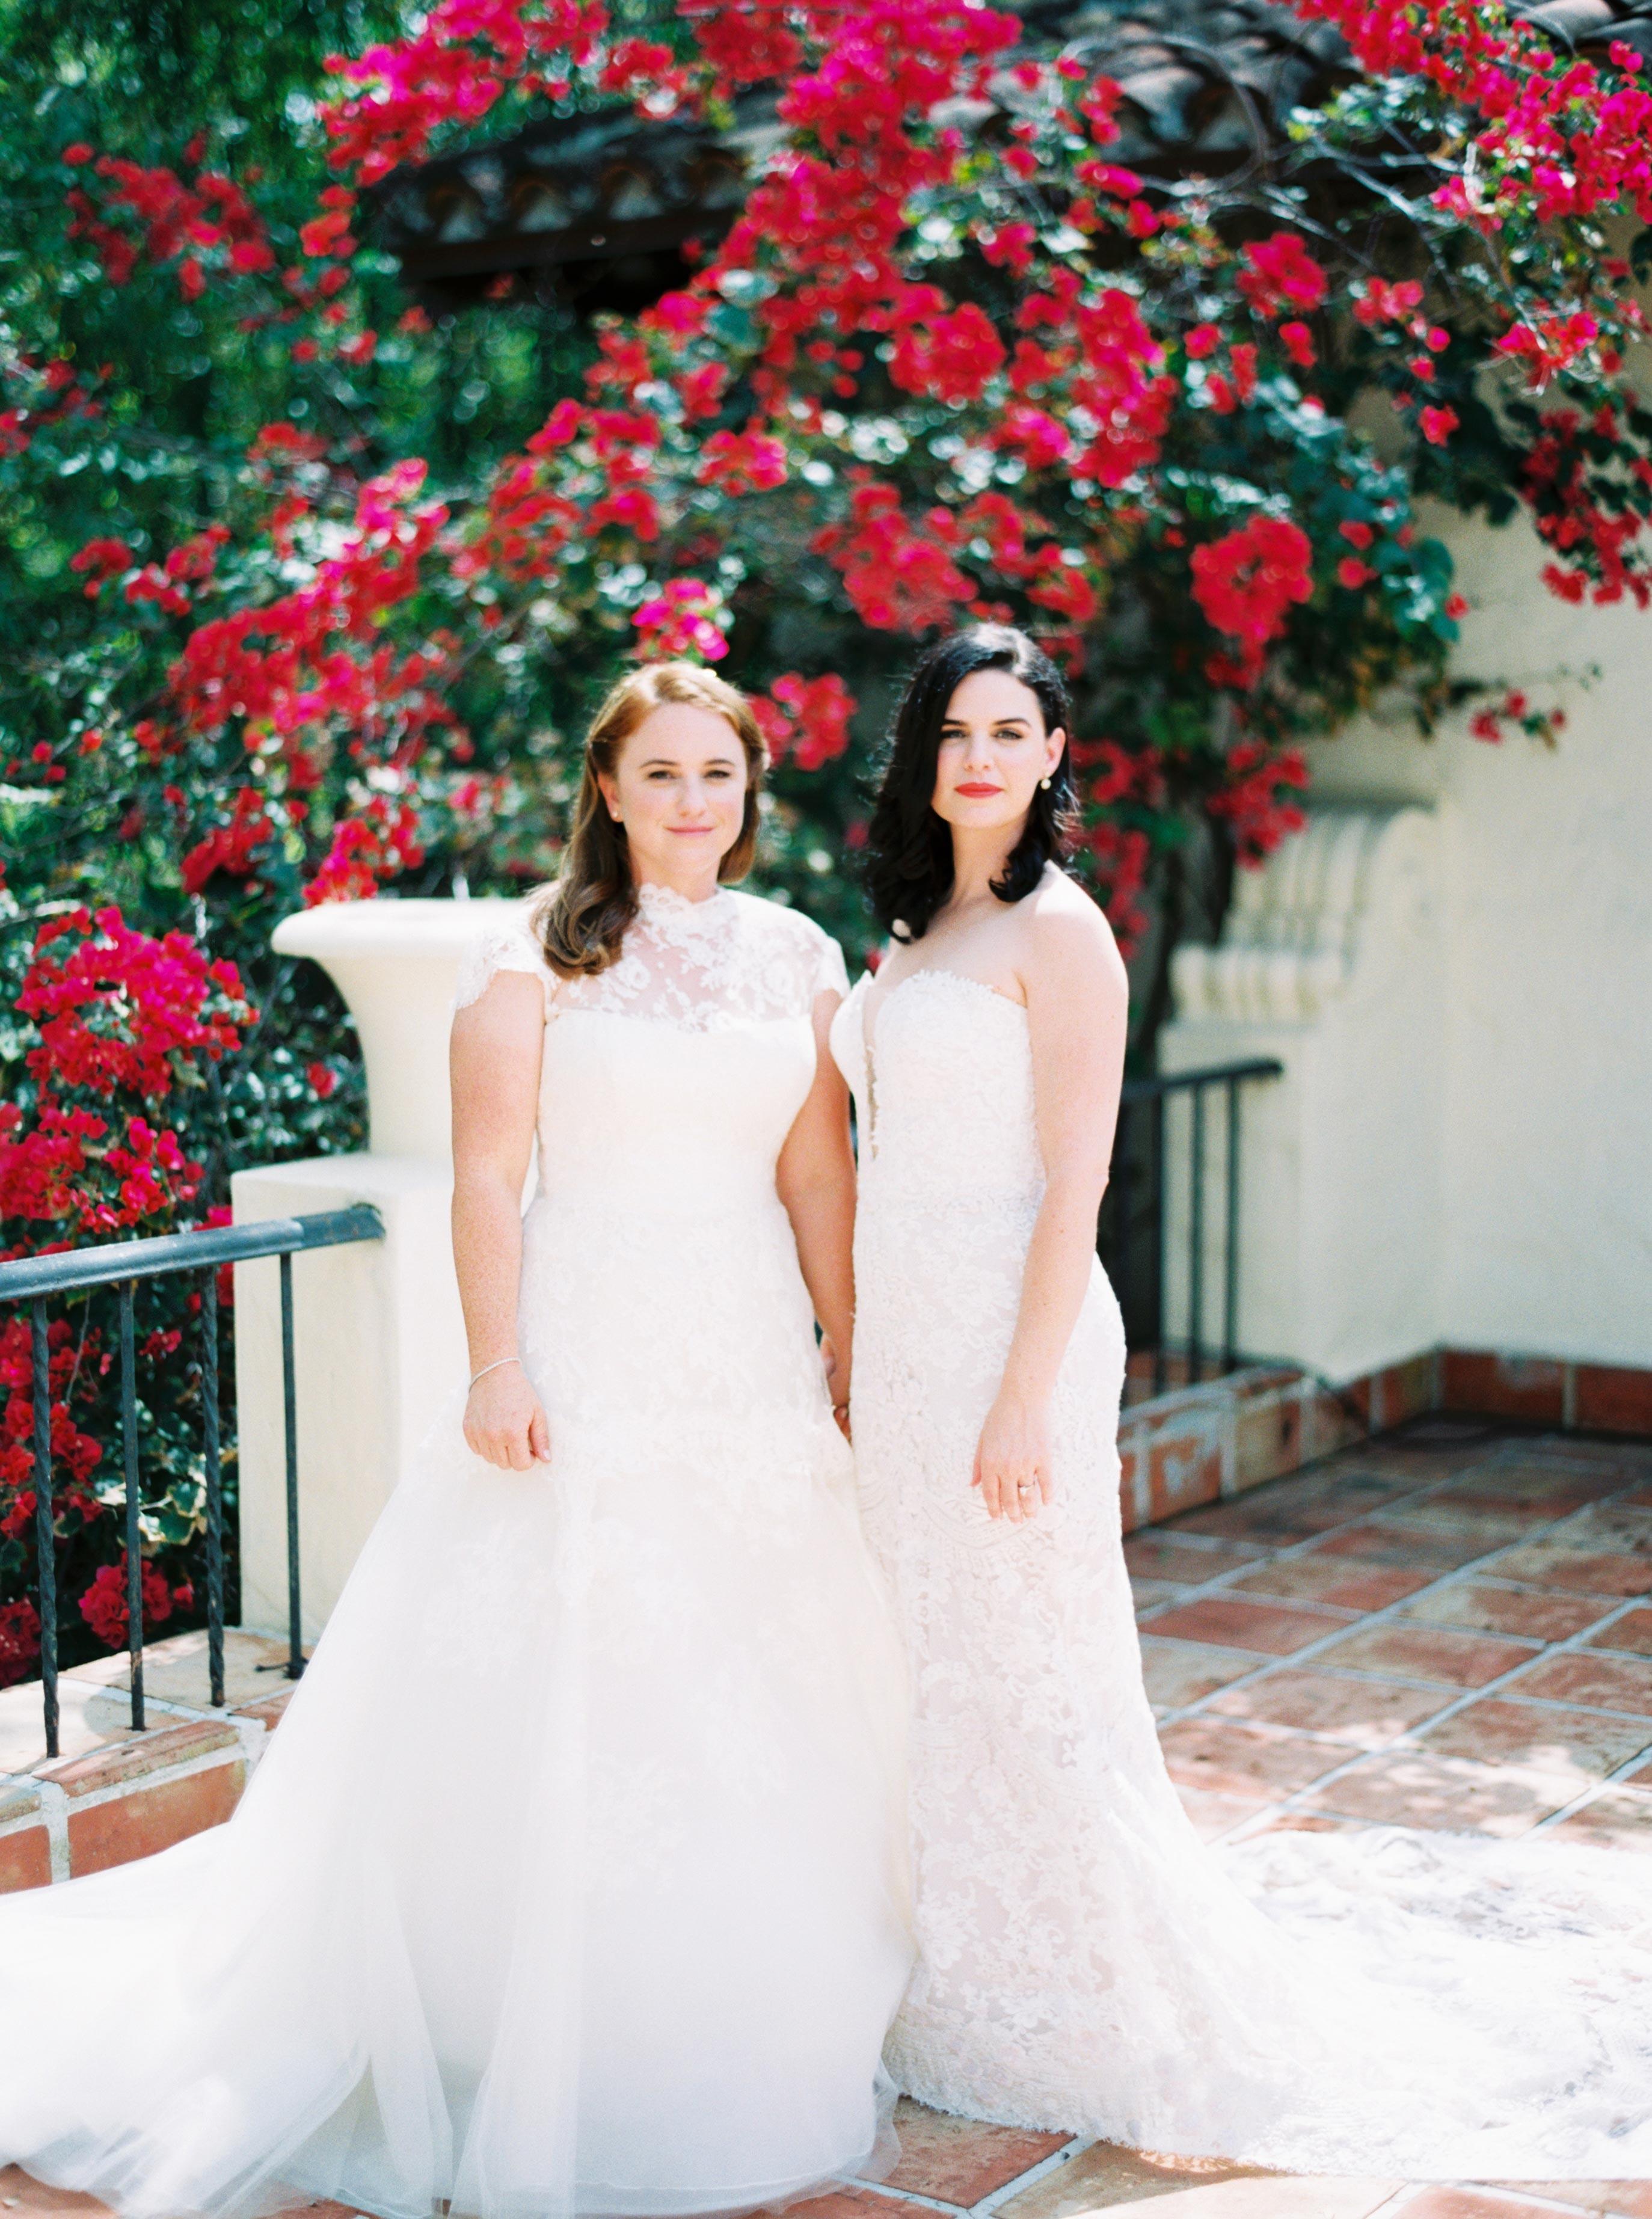 brides couple portrait